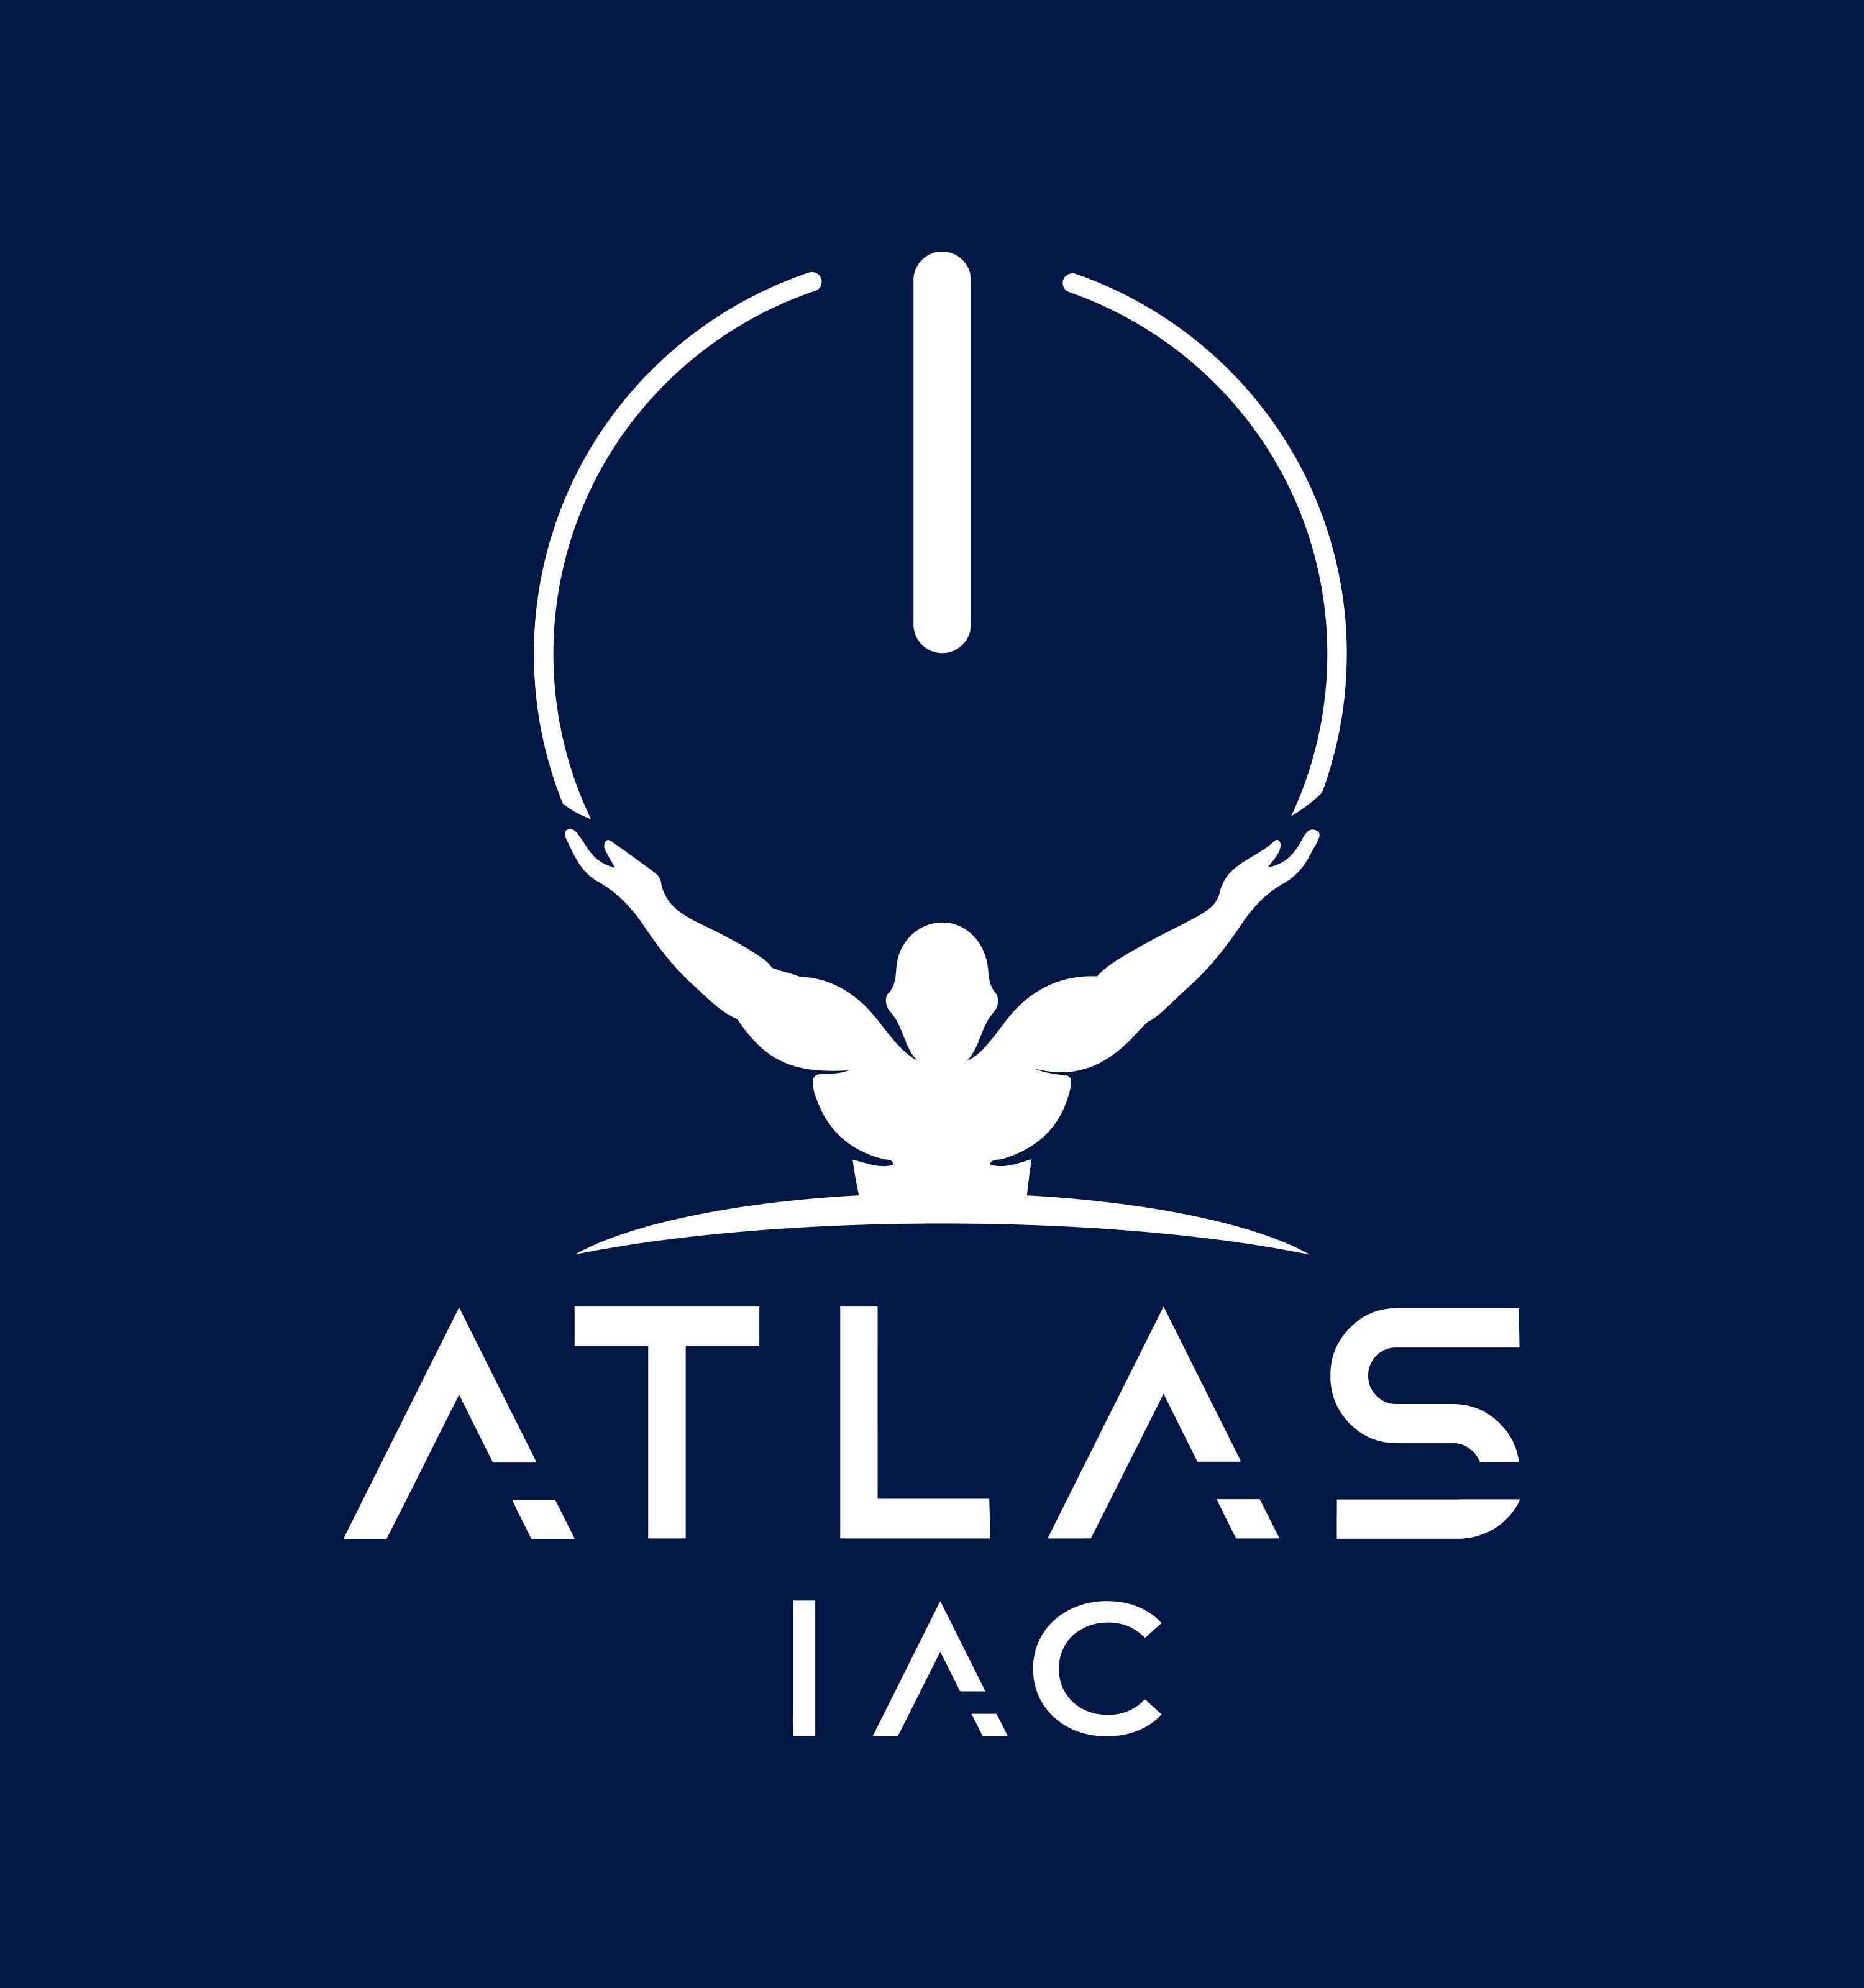 Atlas-IAC